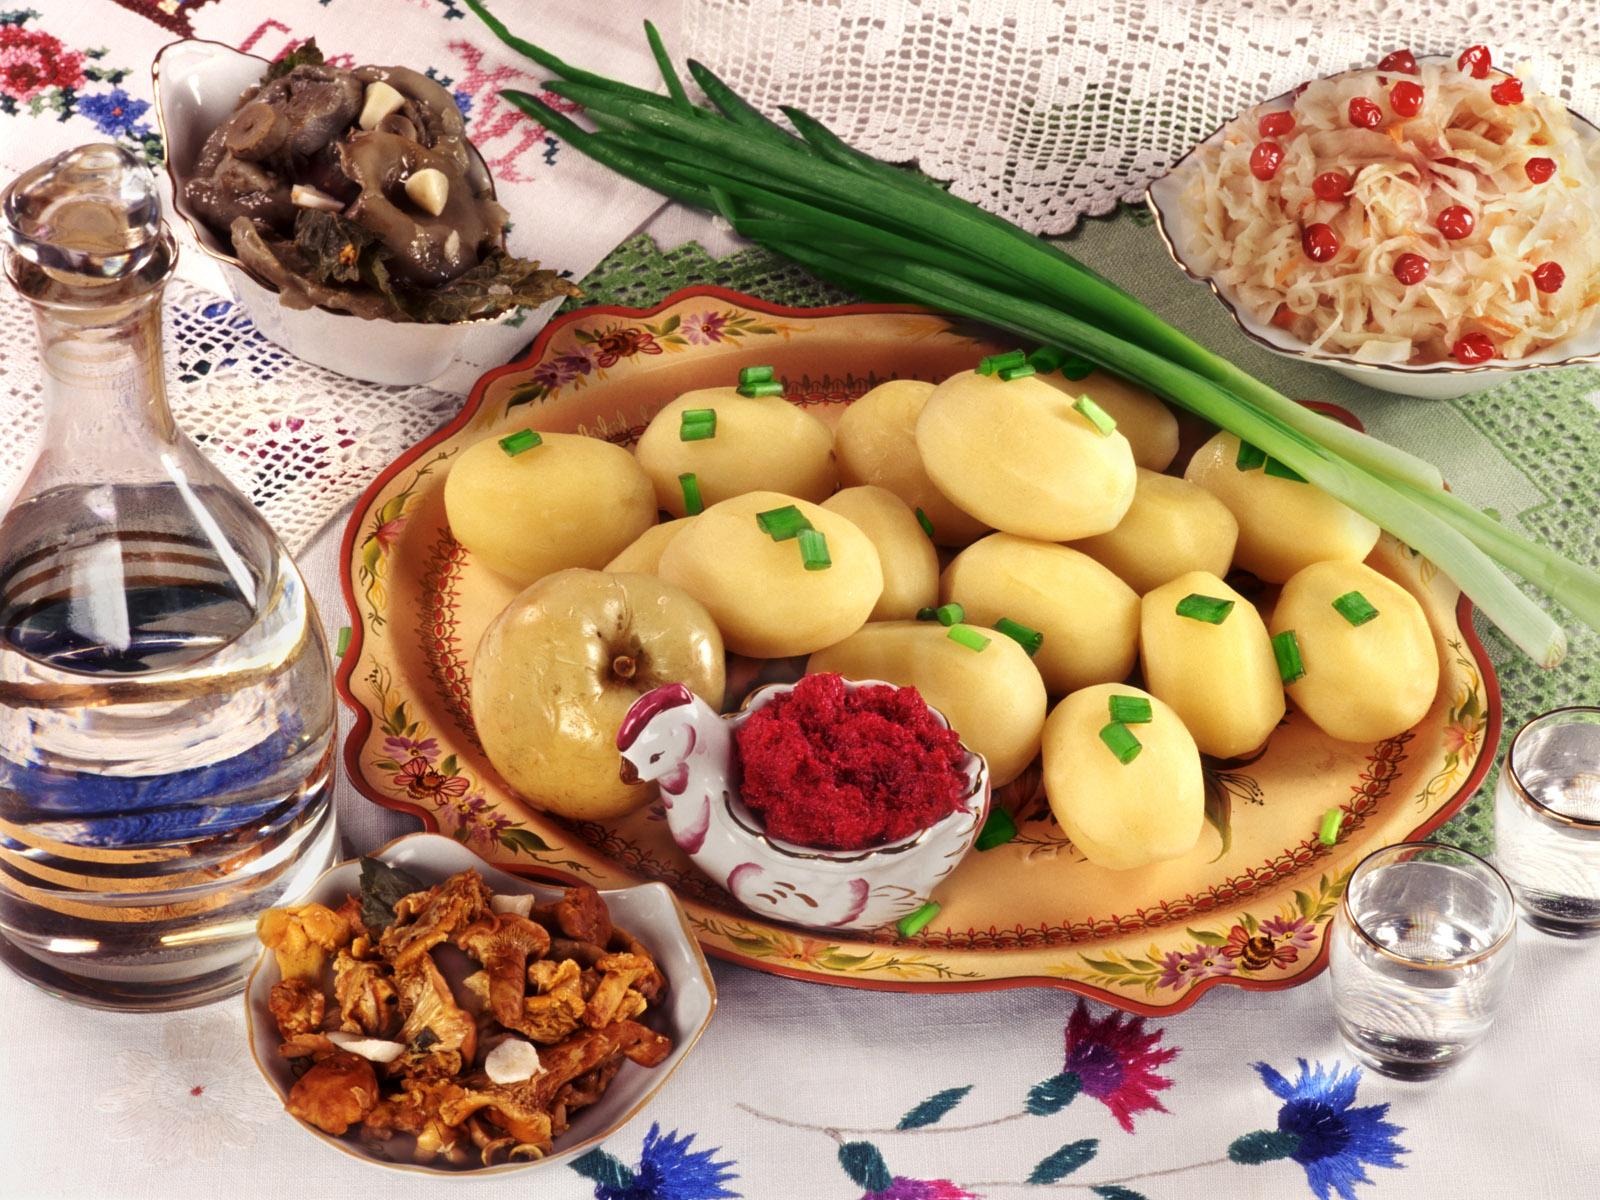 Блюда русской кухни открытки, картинками надписями